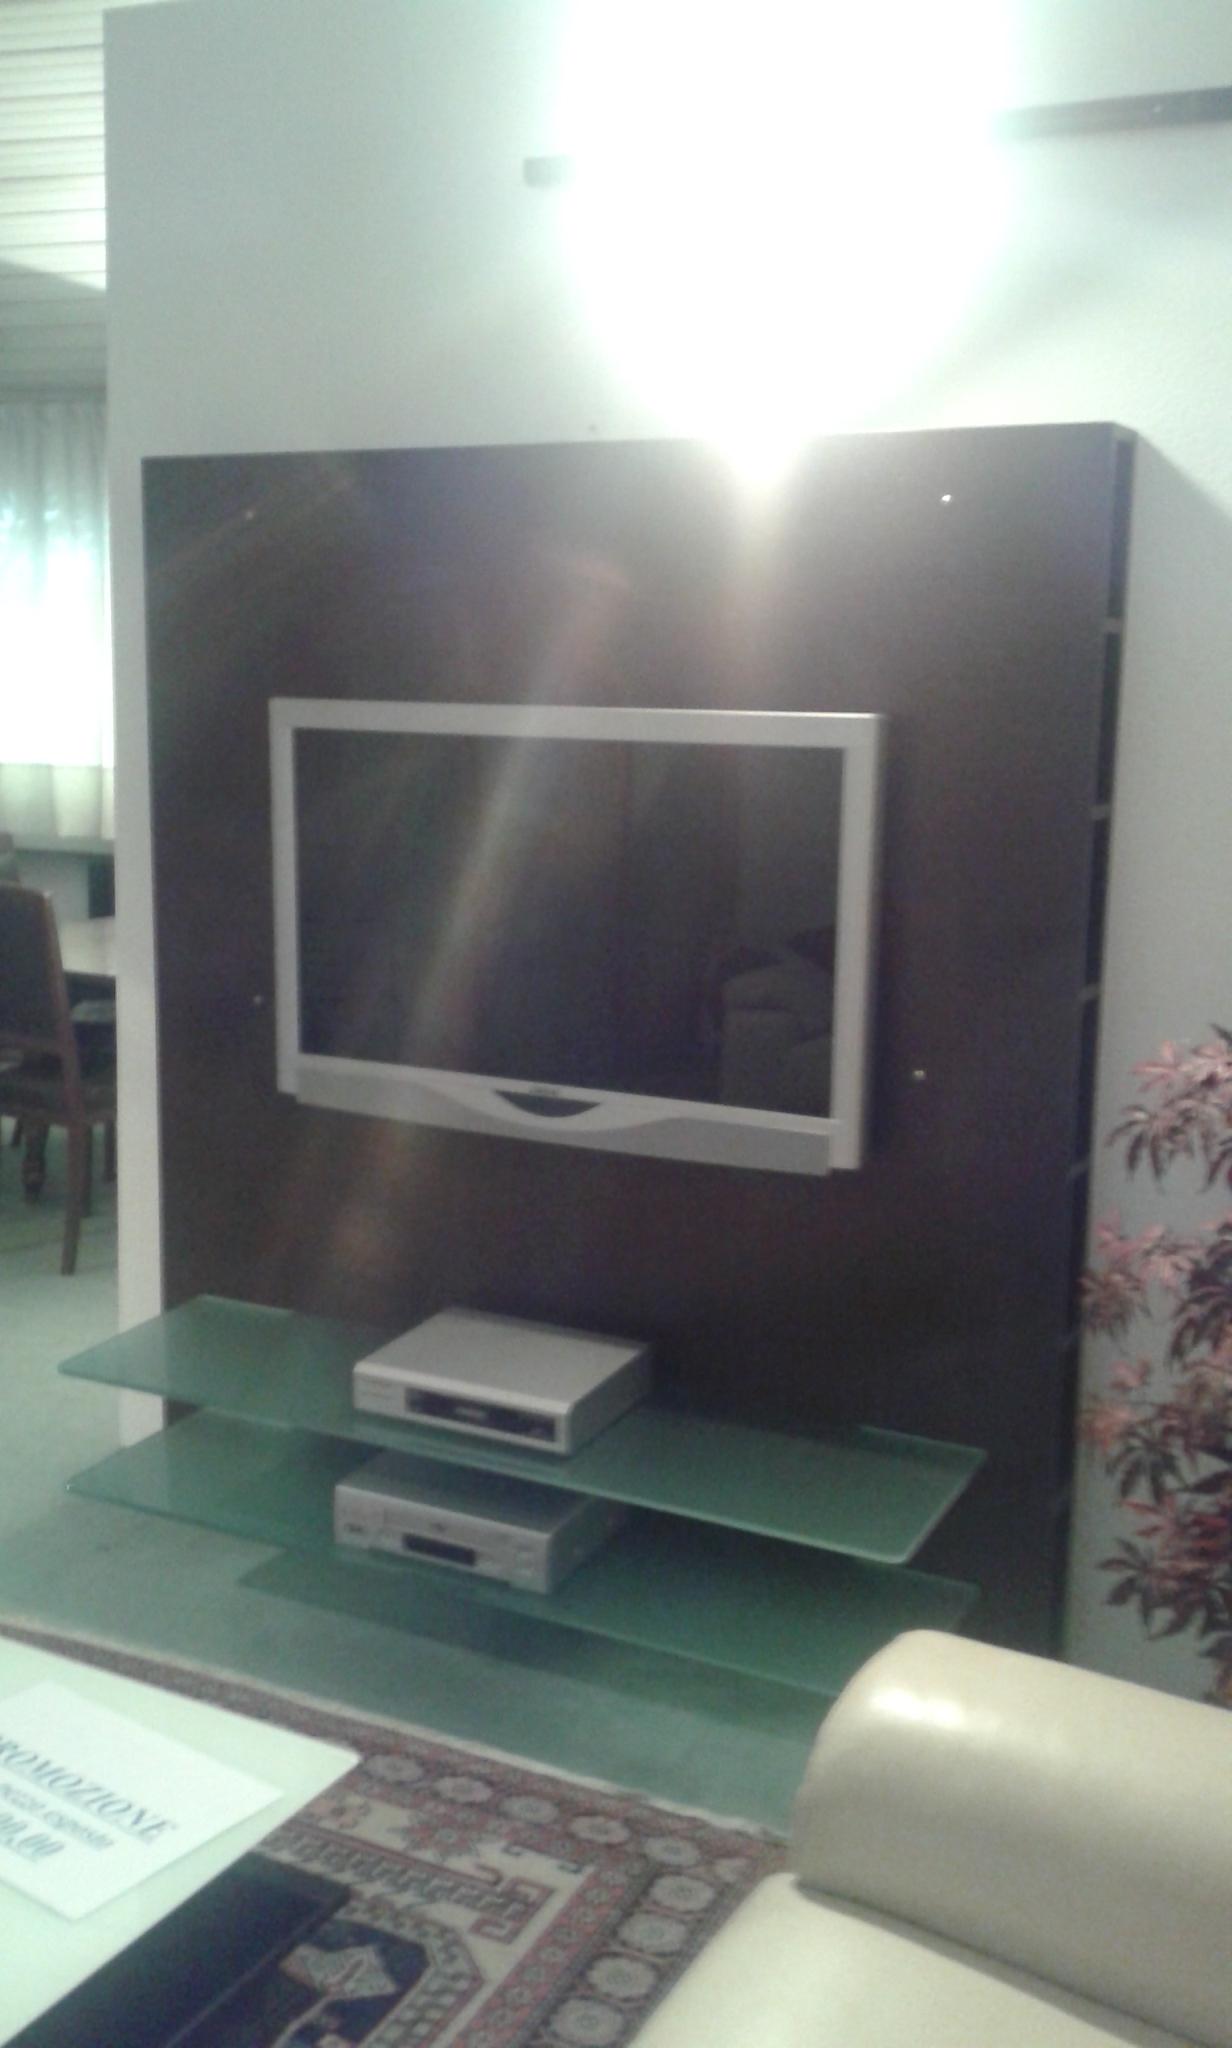 Pedretti a c complemento porta tv complementi a prezzi for Pedretti arredamenti